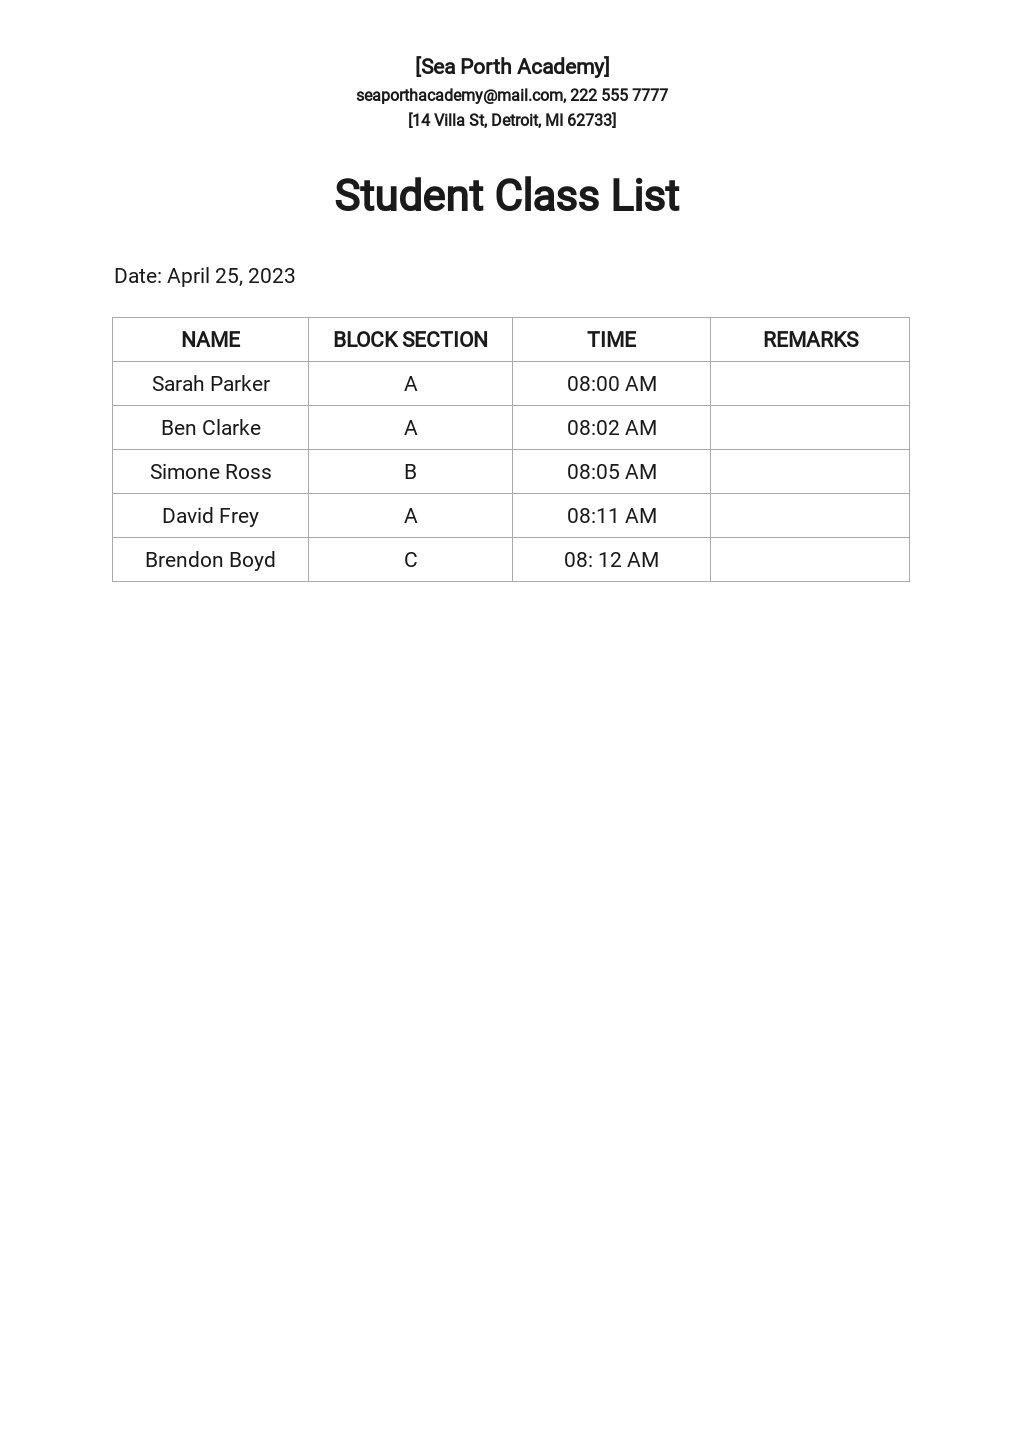 Student Class List Template.jpe